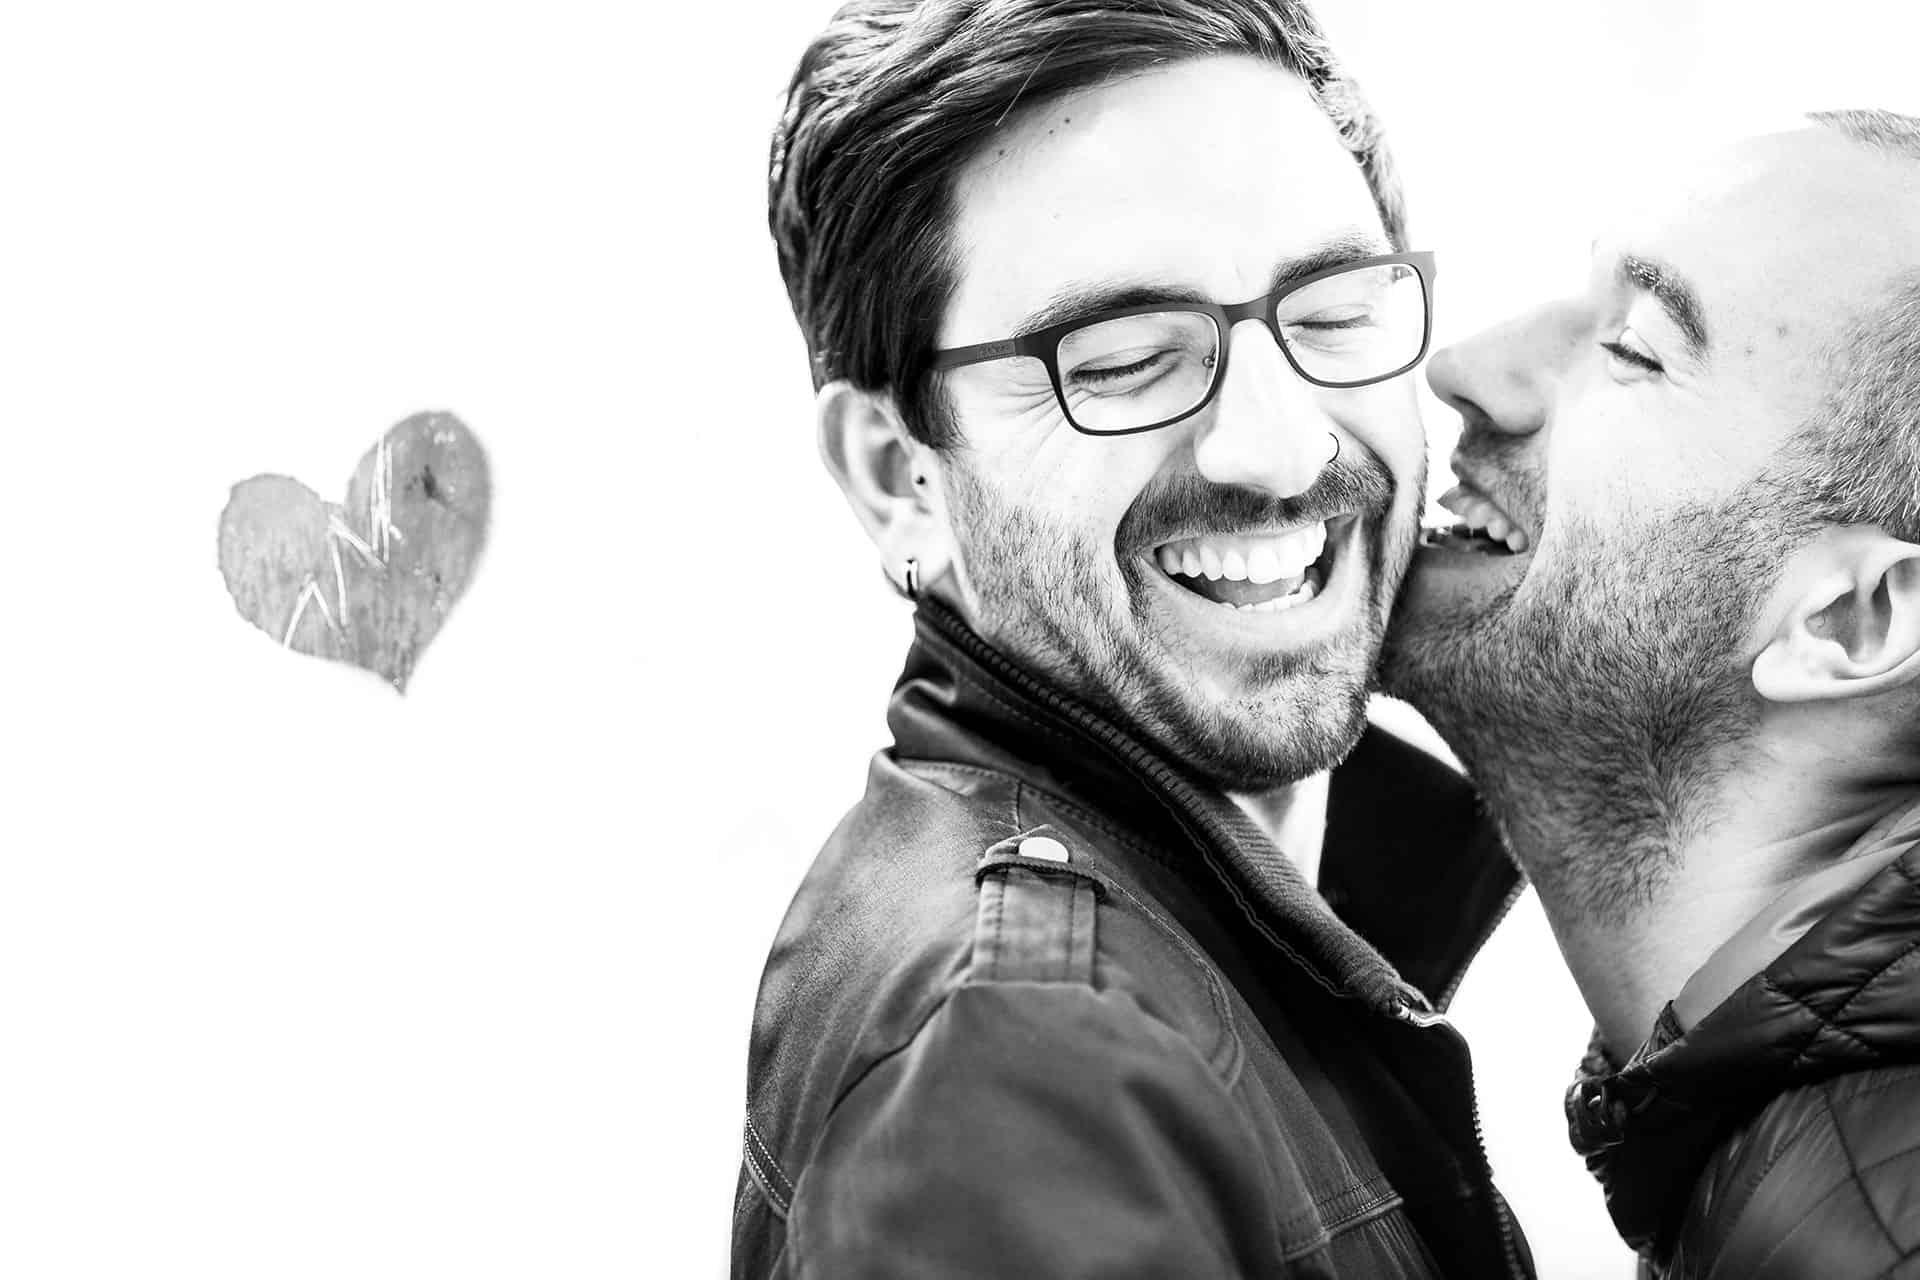 dos chicos sonriendo y besándose